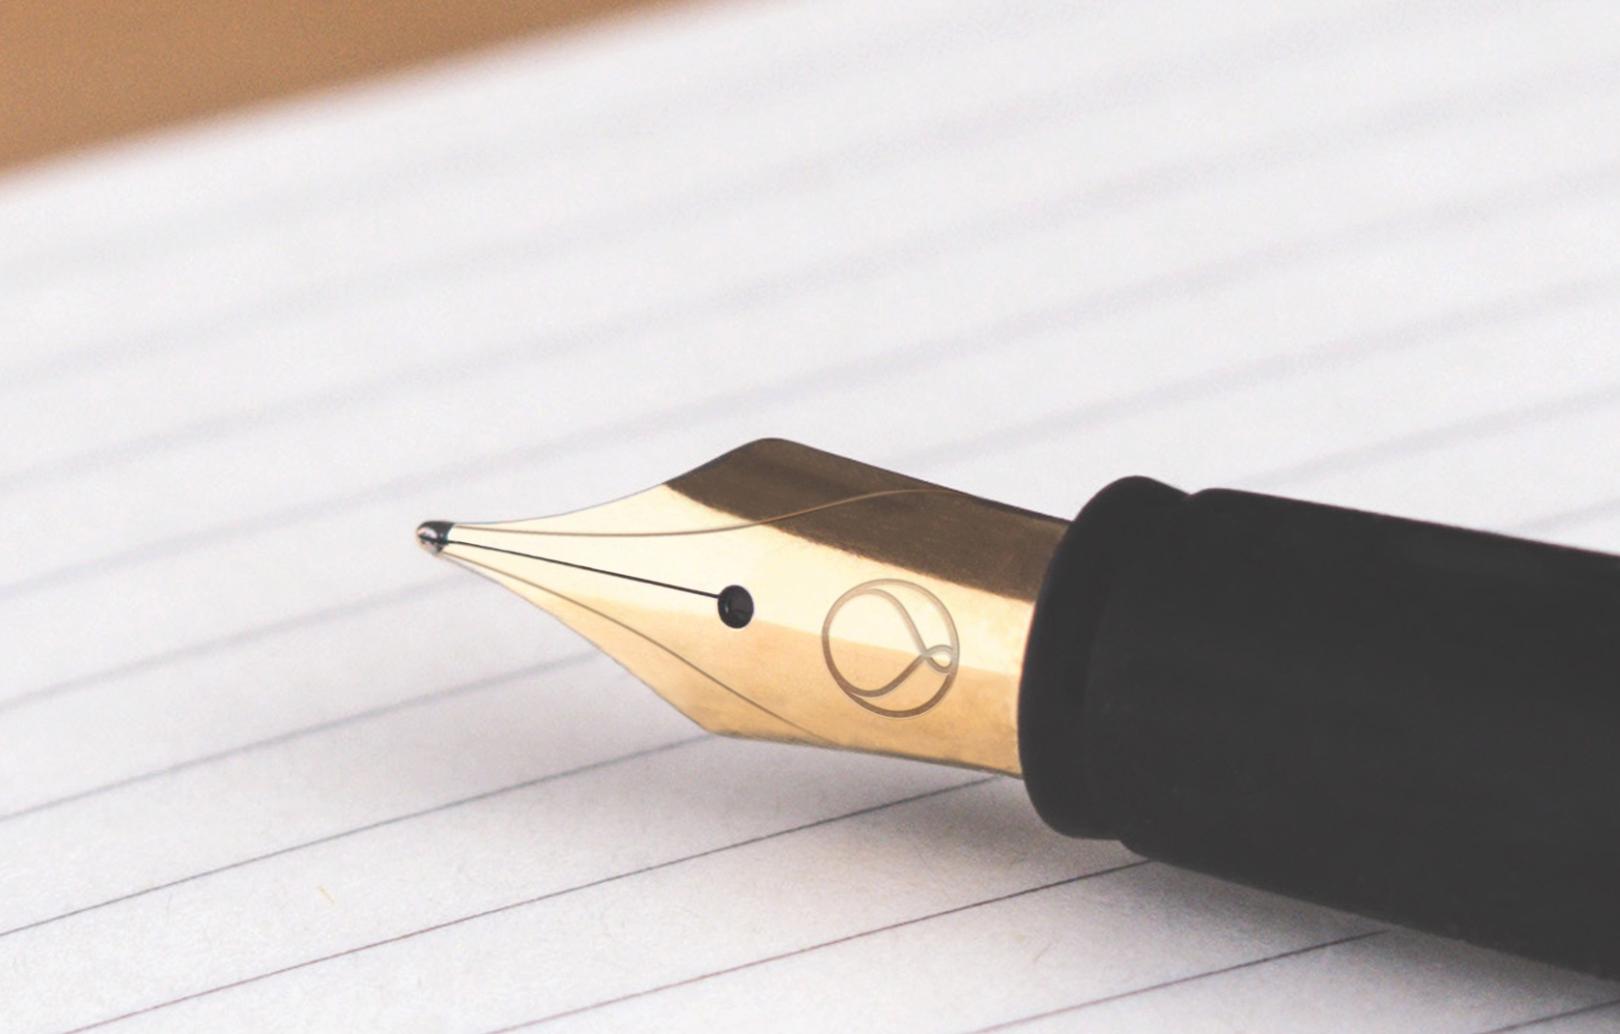 Logo on a pen